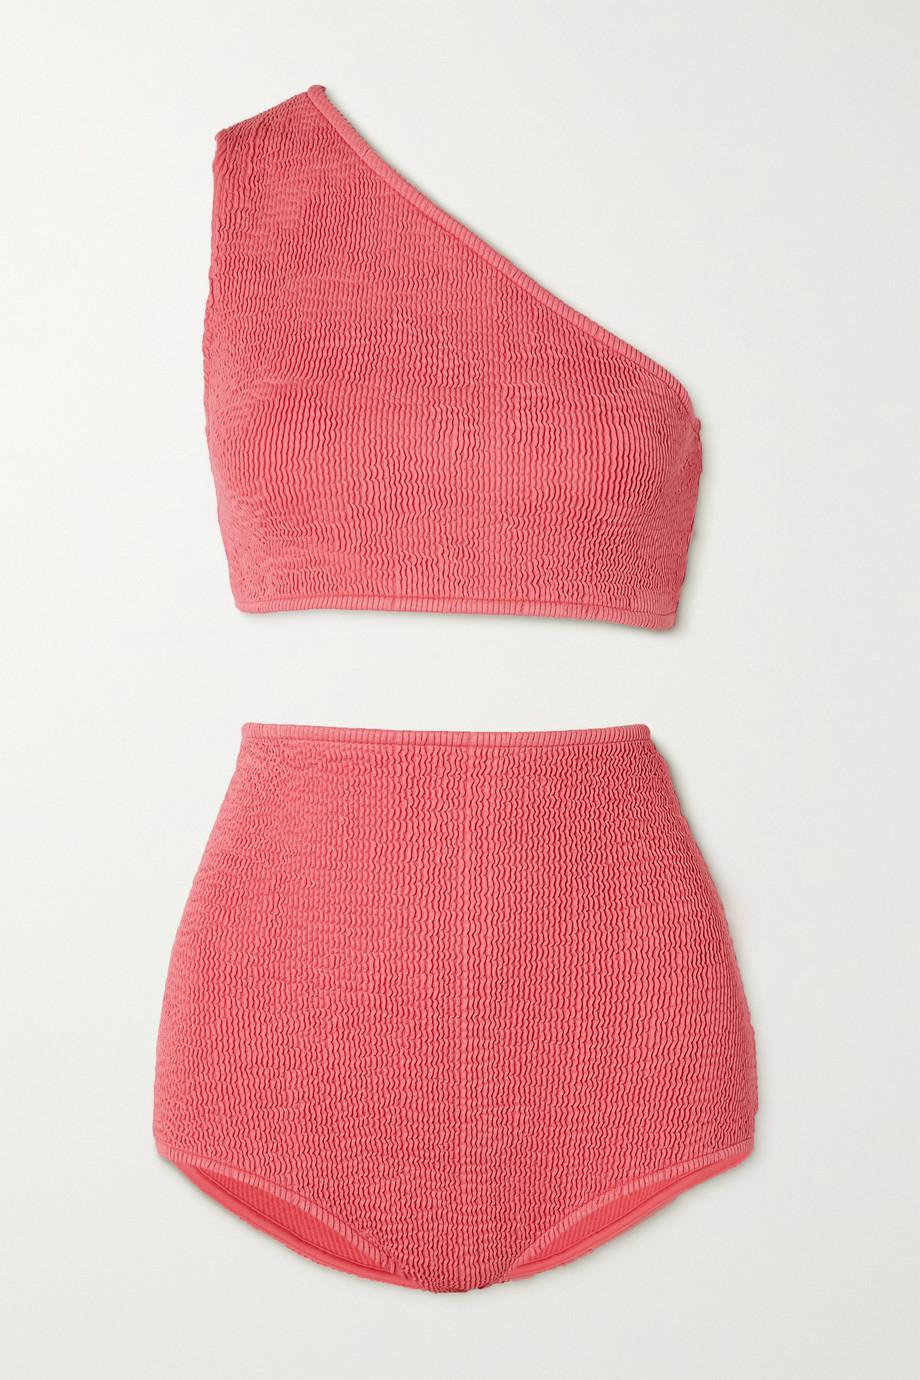 Bottega Veneta One-shoulder seersucker bikini